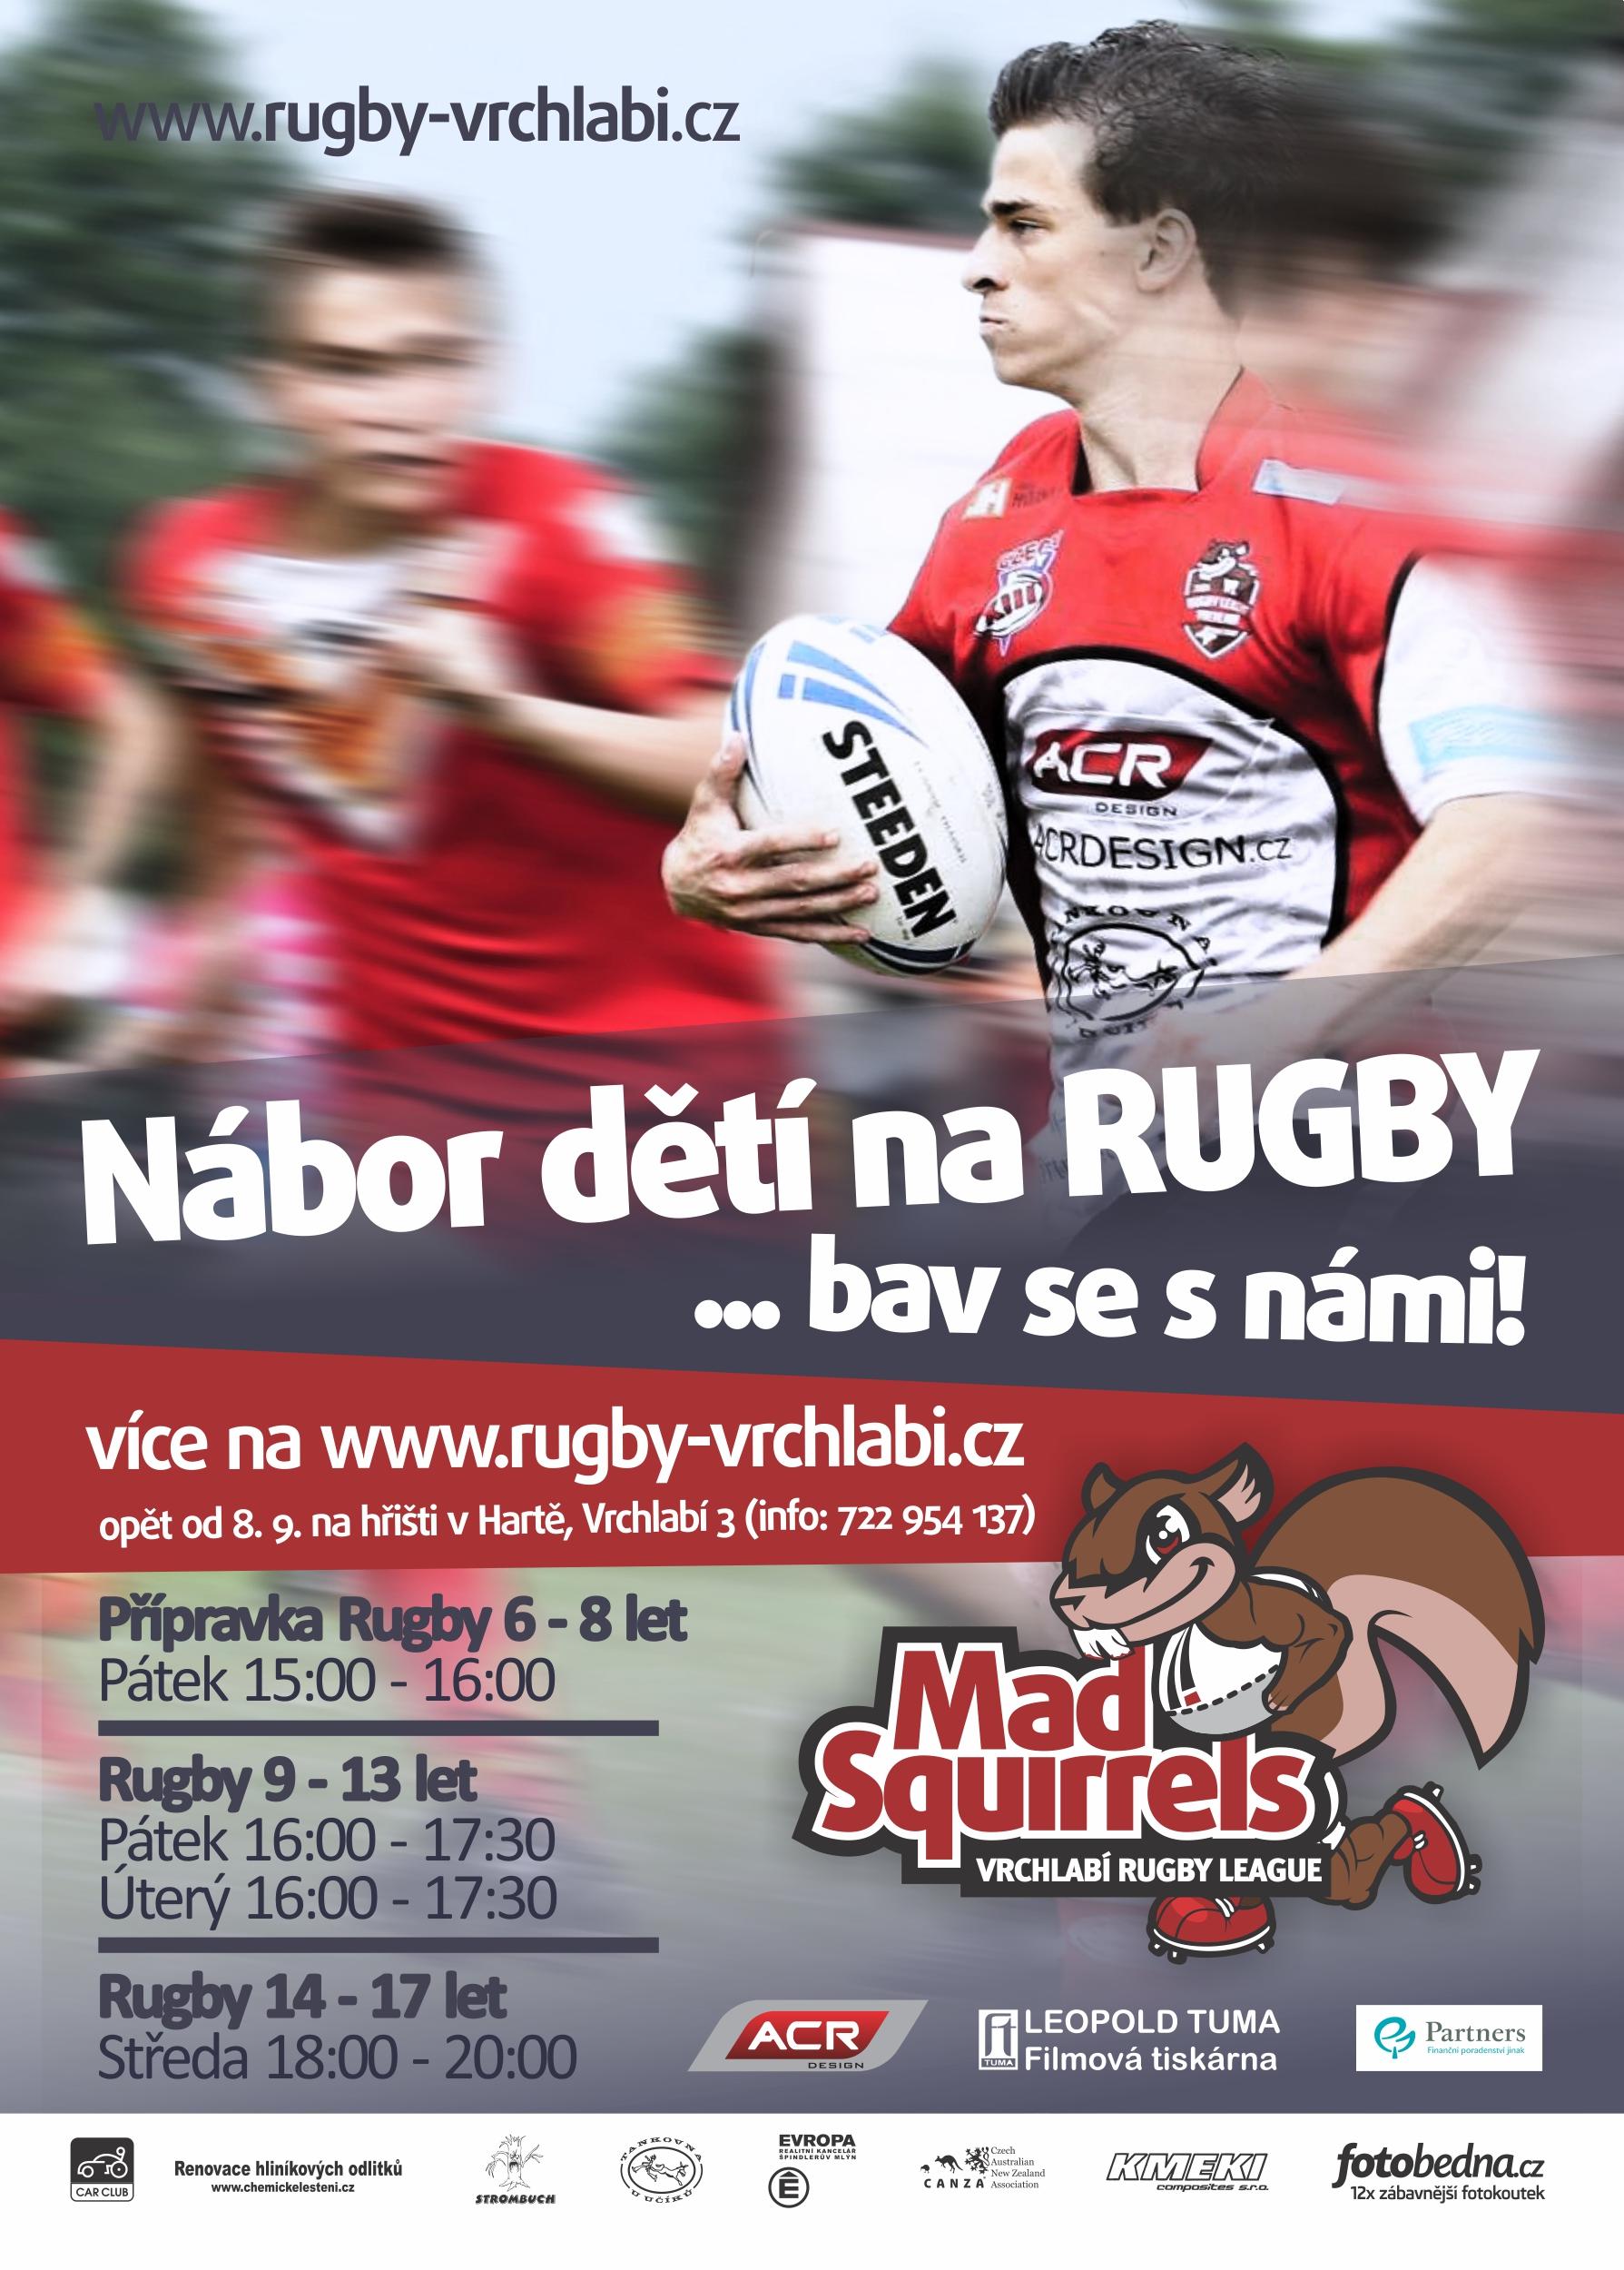 Nábor dětí rugby Vrchlabí 2017